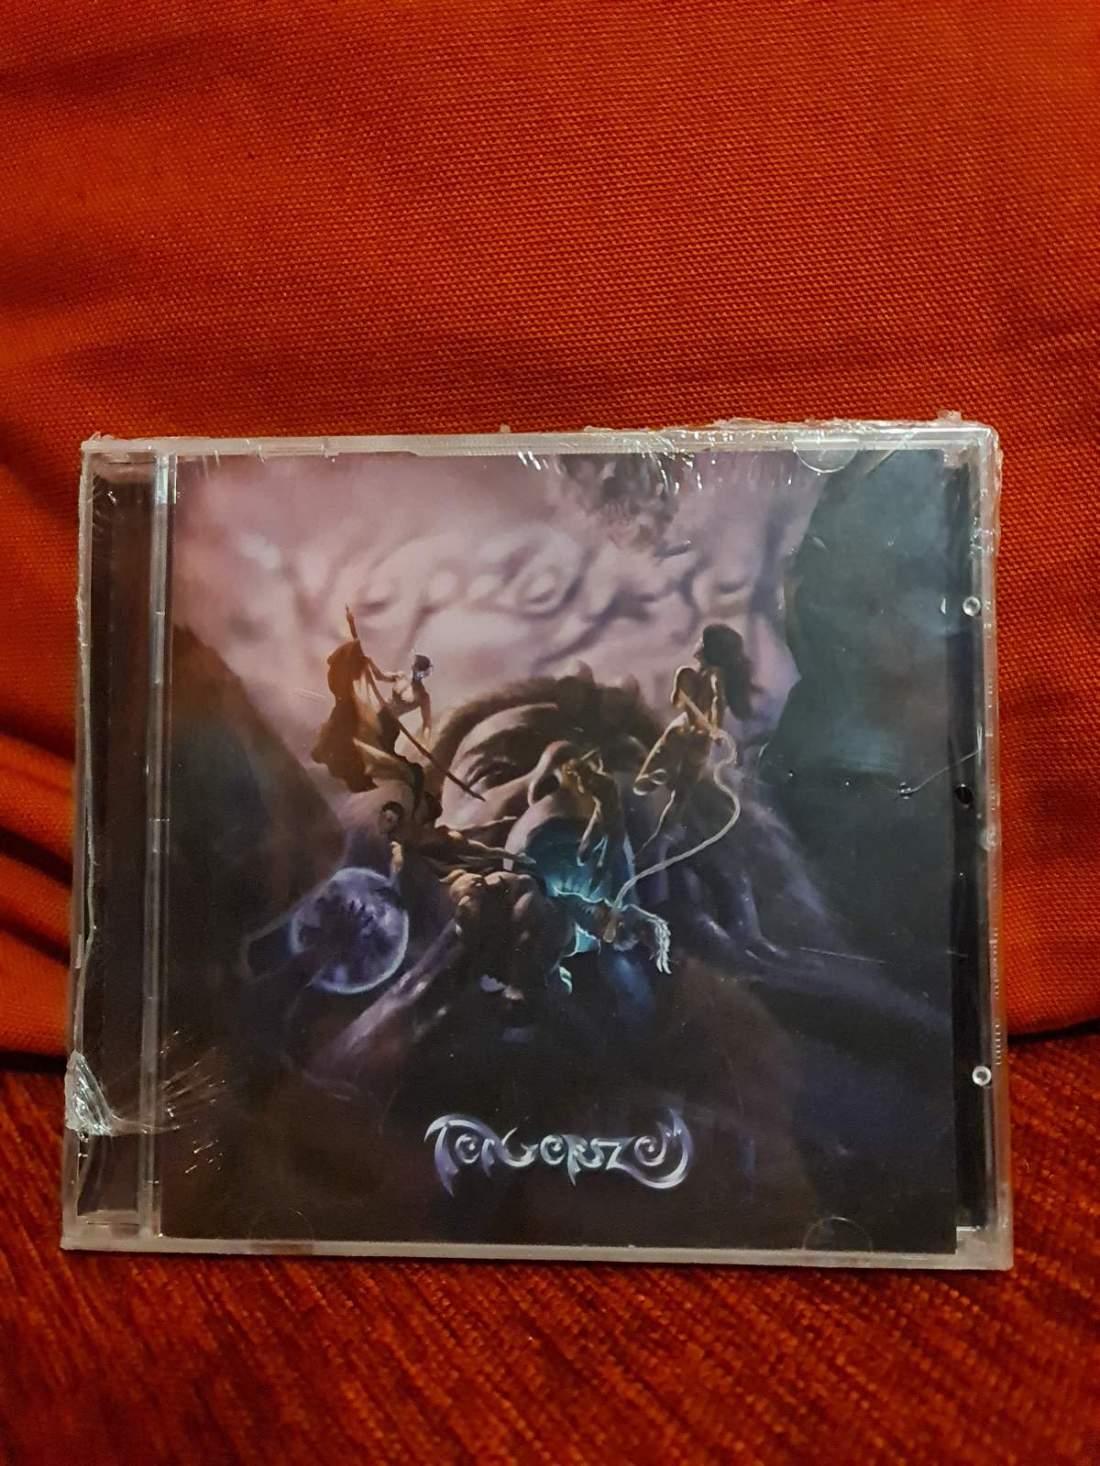 TENGERSZEM - KÉPZELGÉSEK CD